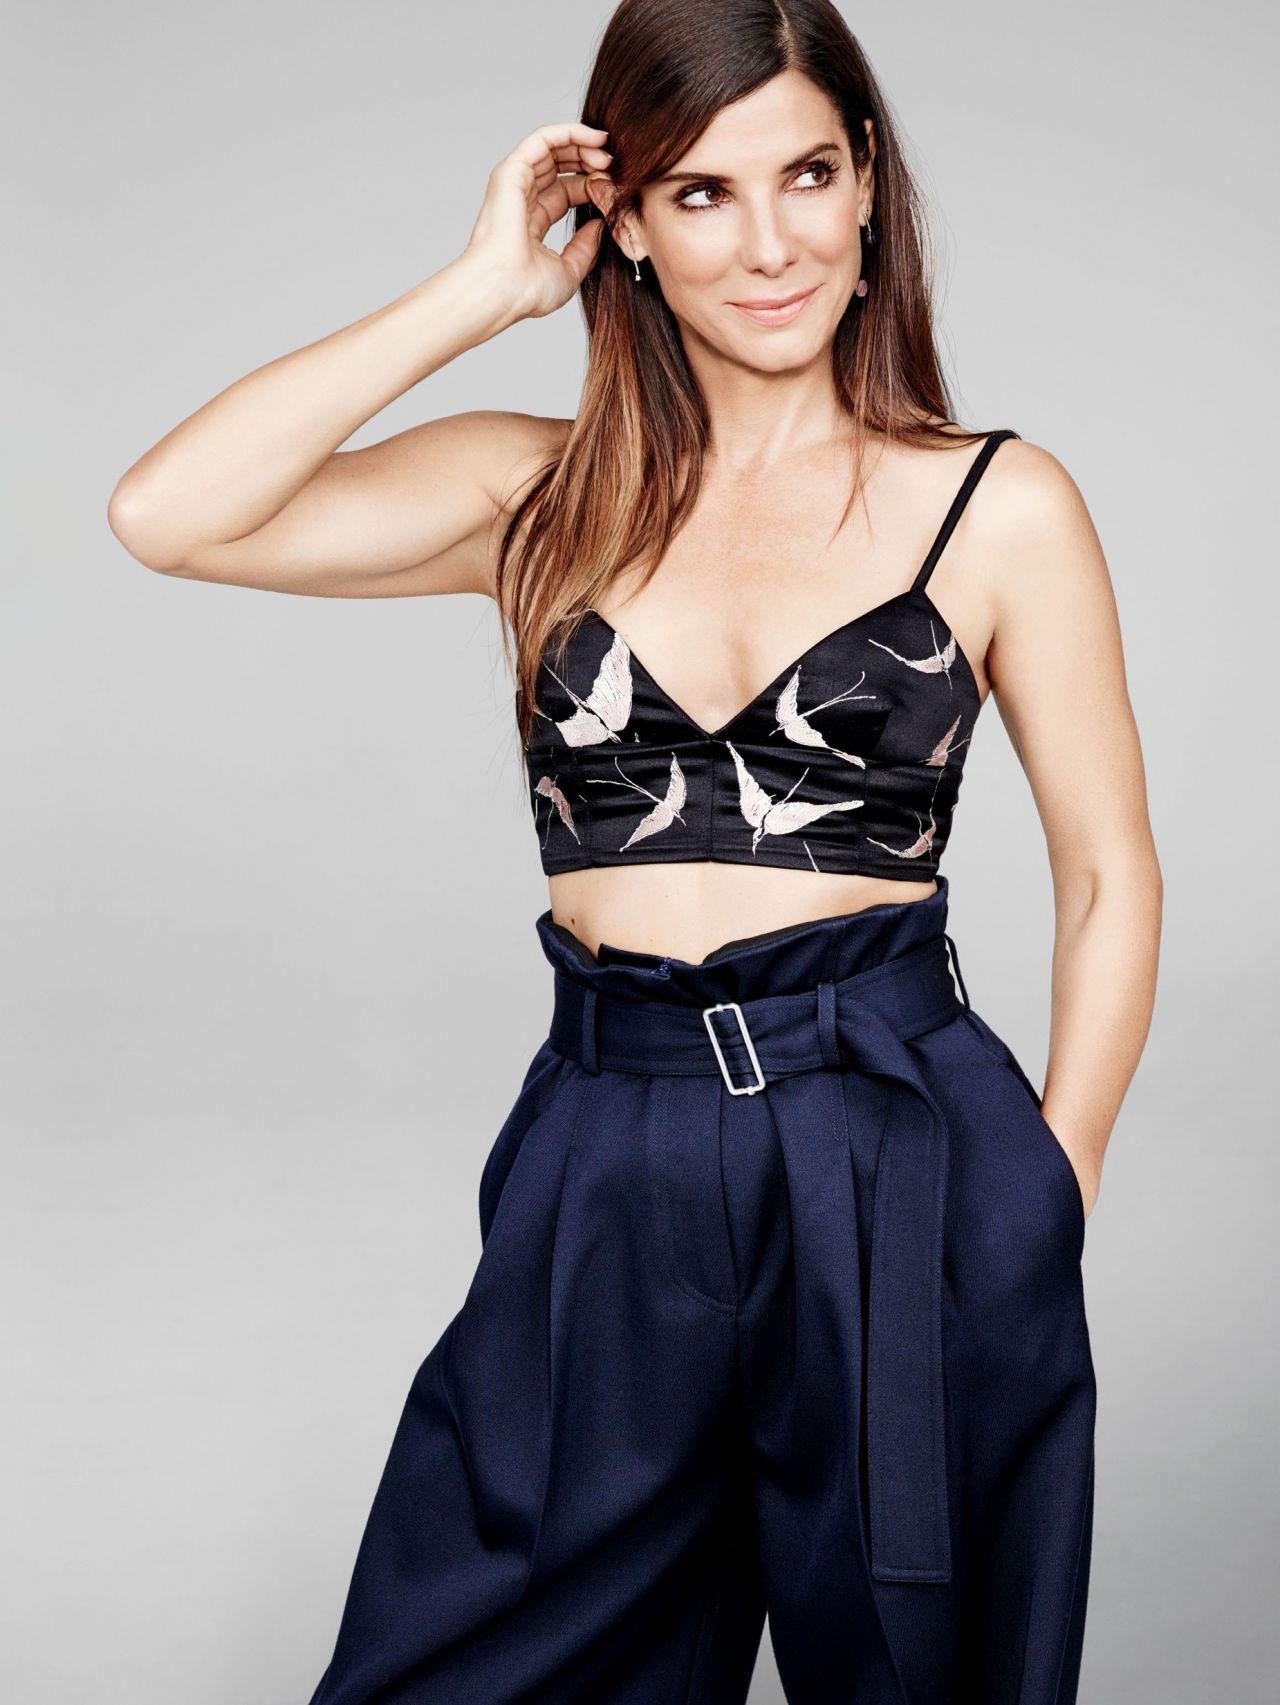 Photoshoot For Vogue Magazine November 2015: Photoshoot For Glamour US November 2015